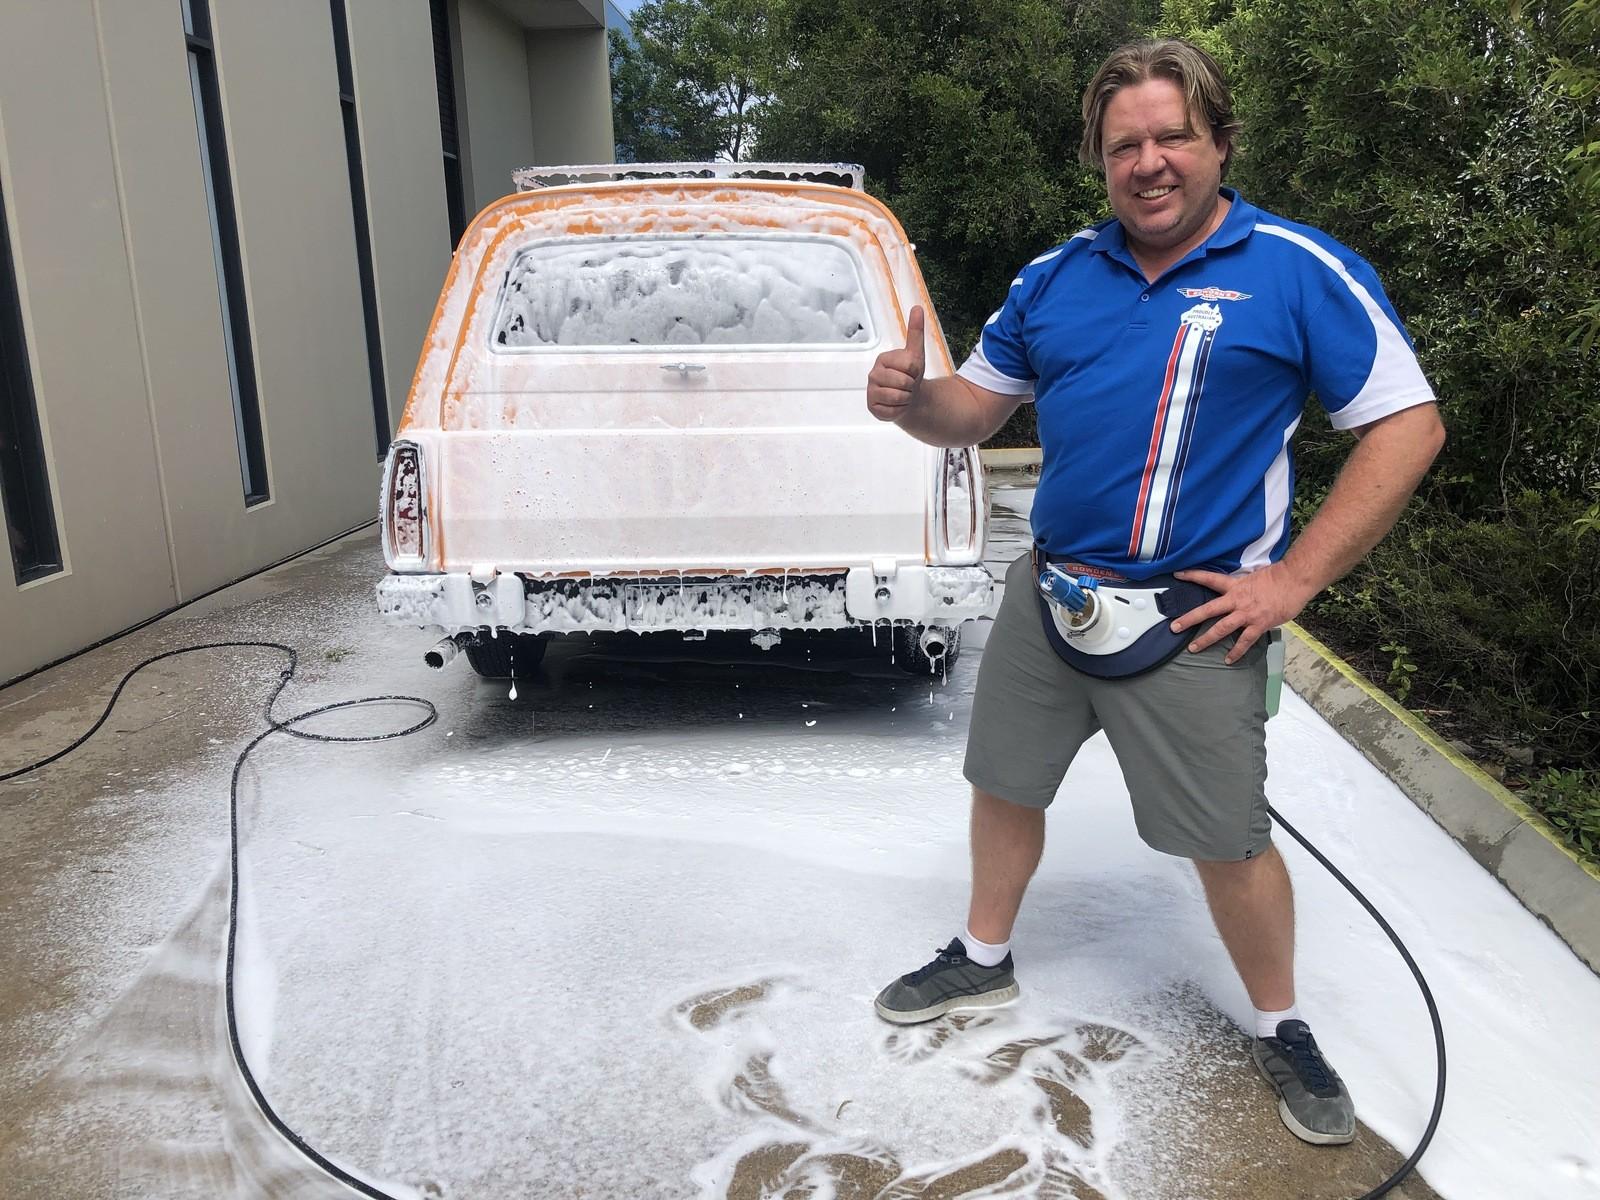 ▲▼獵奇洗車裝置(圖/翻攝自bowdensown)